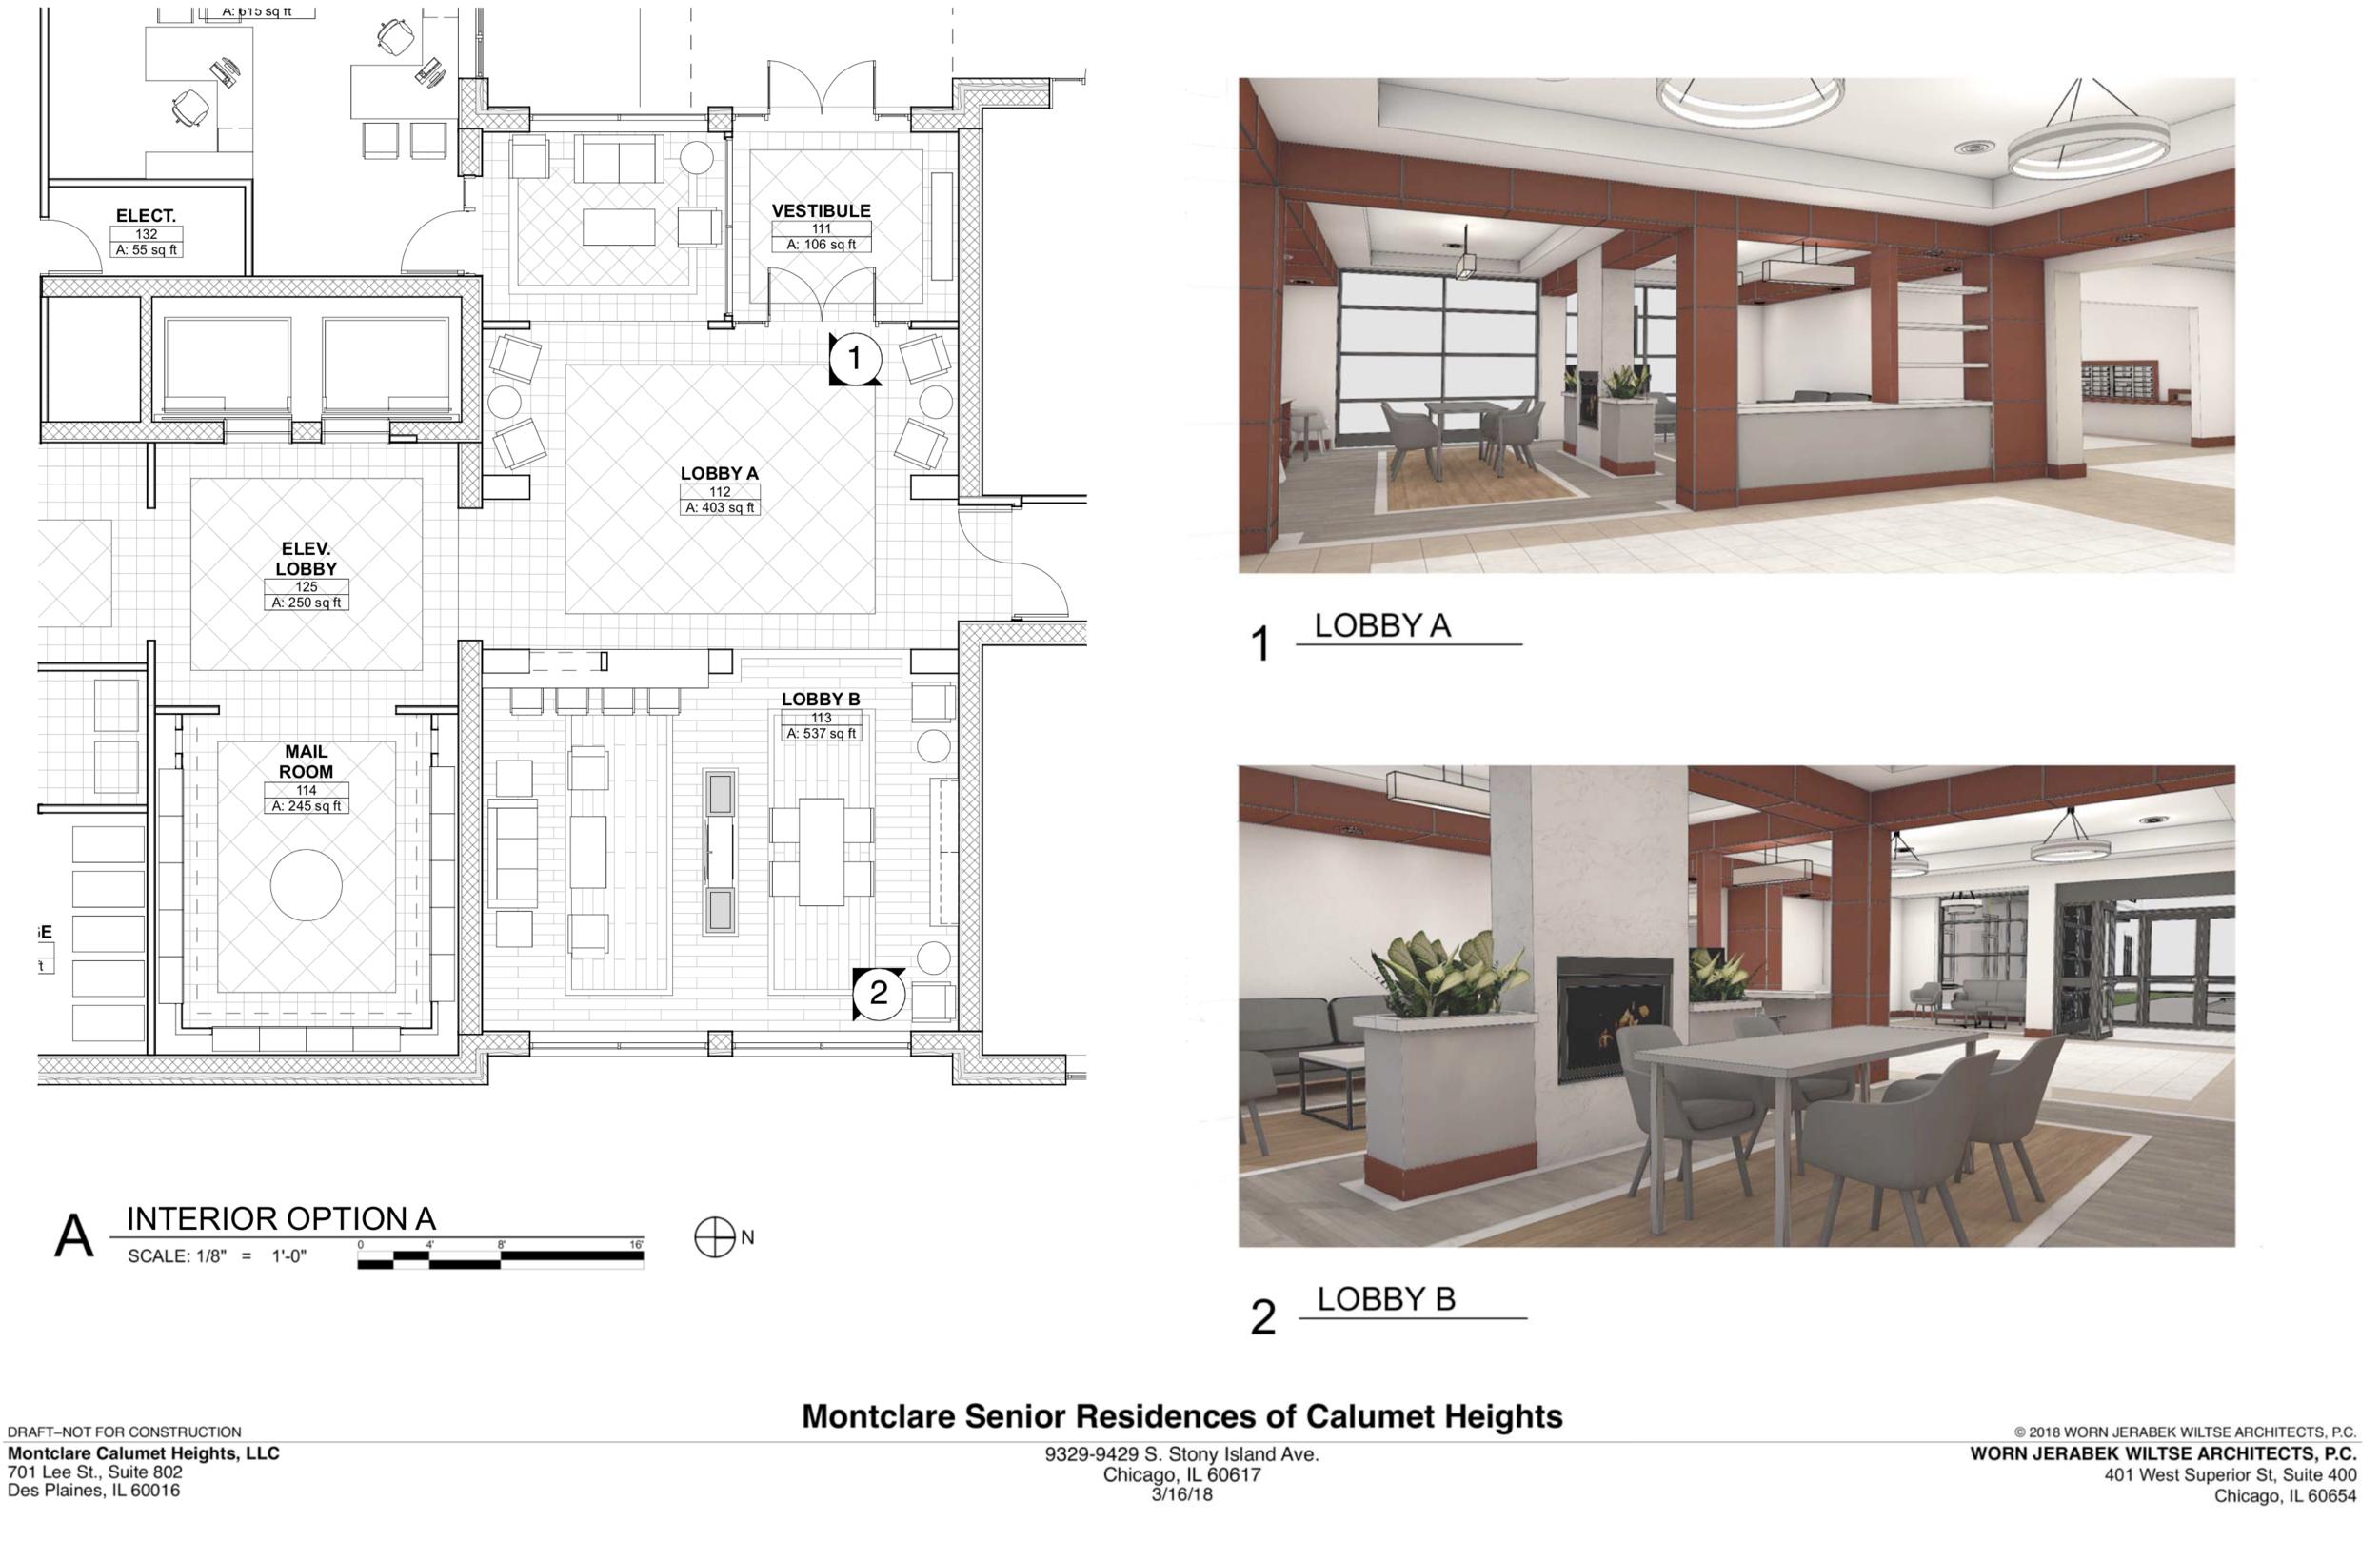 Calumet Heights Floor Plan Lobby.png